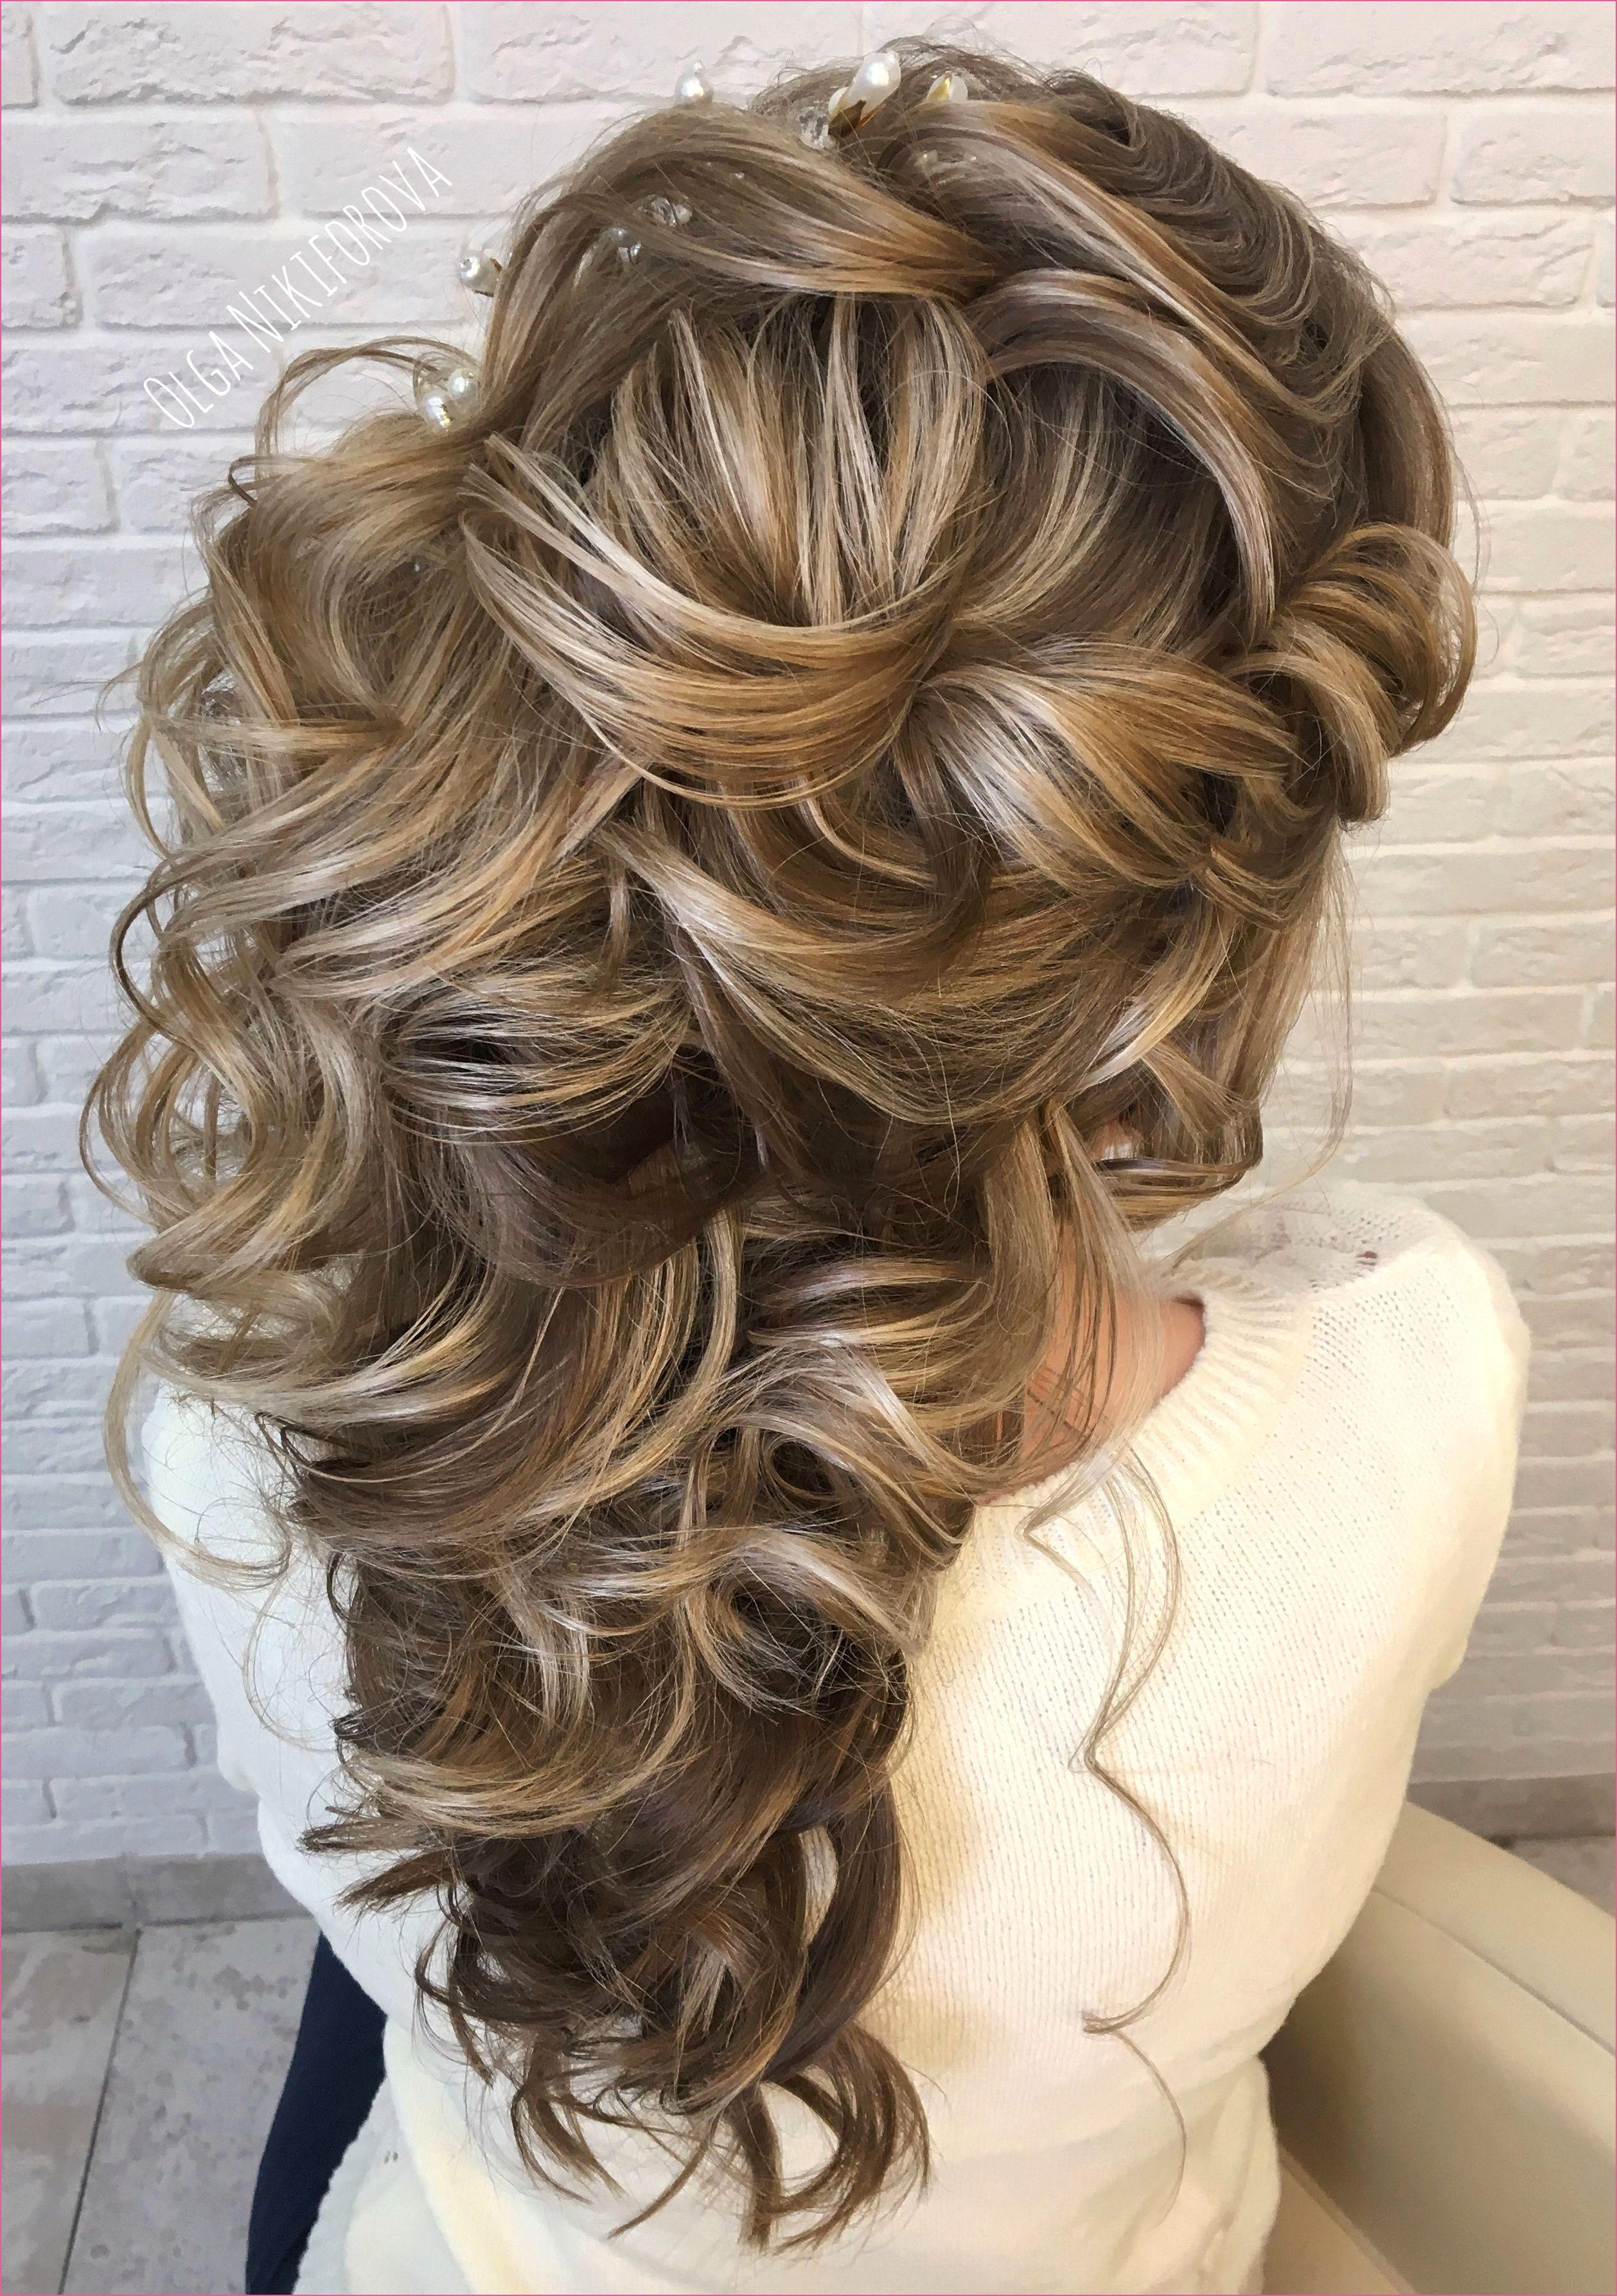 frisur lange haare locken hochgesteckt - frisur